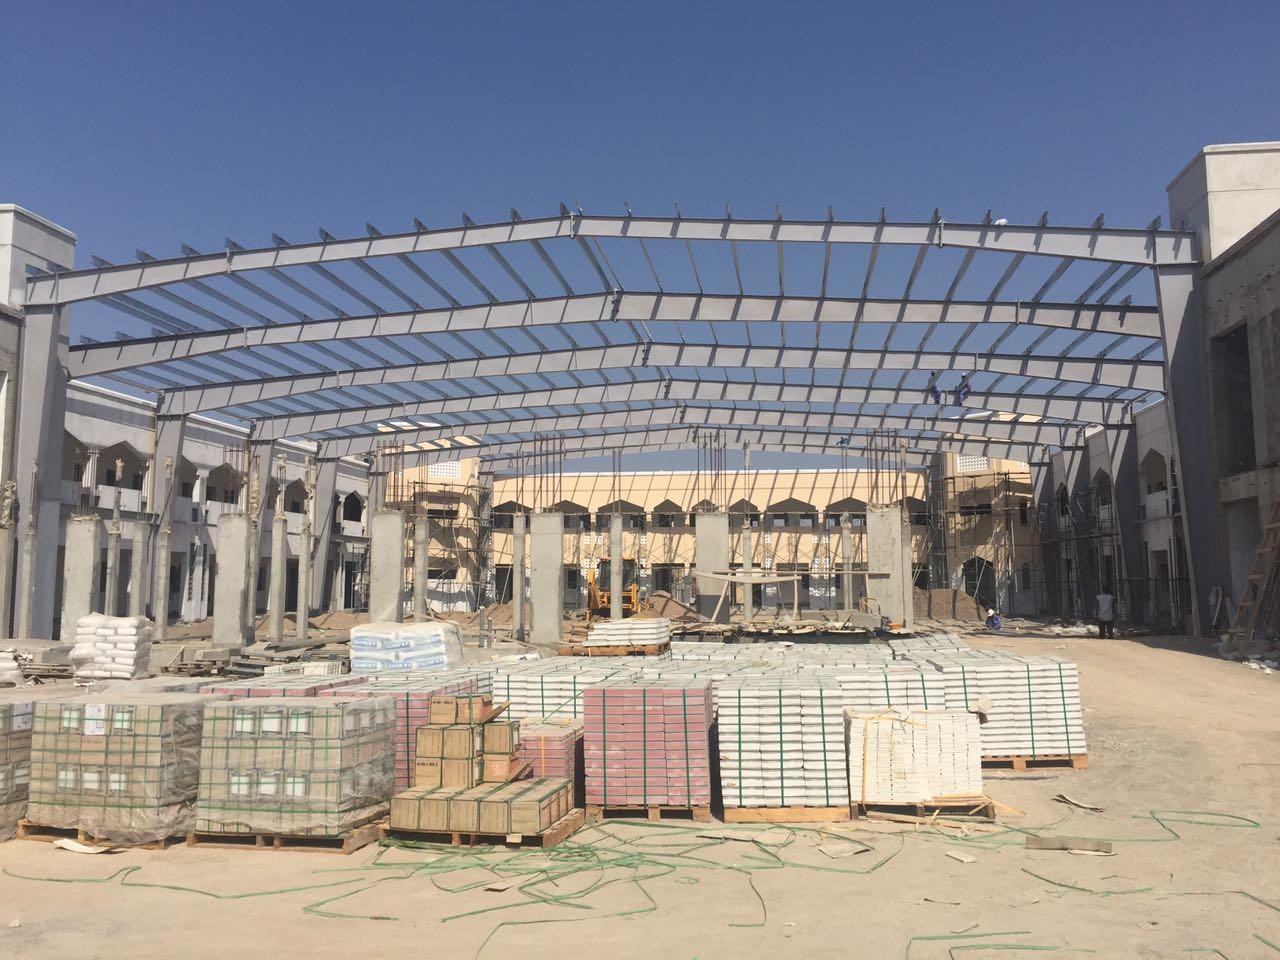 Barka school courtyard for MOE | Excellent Steel Oman